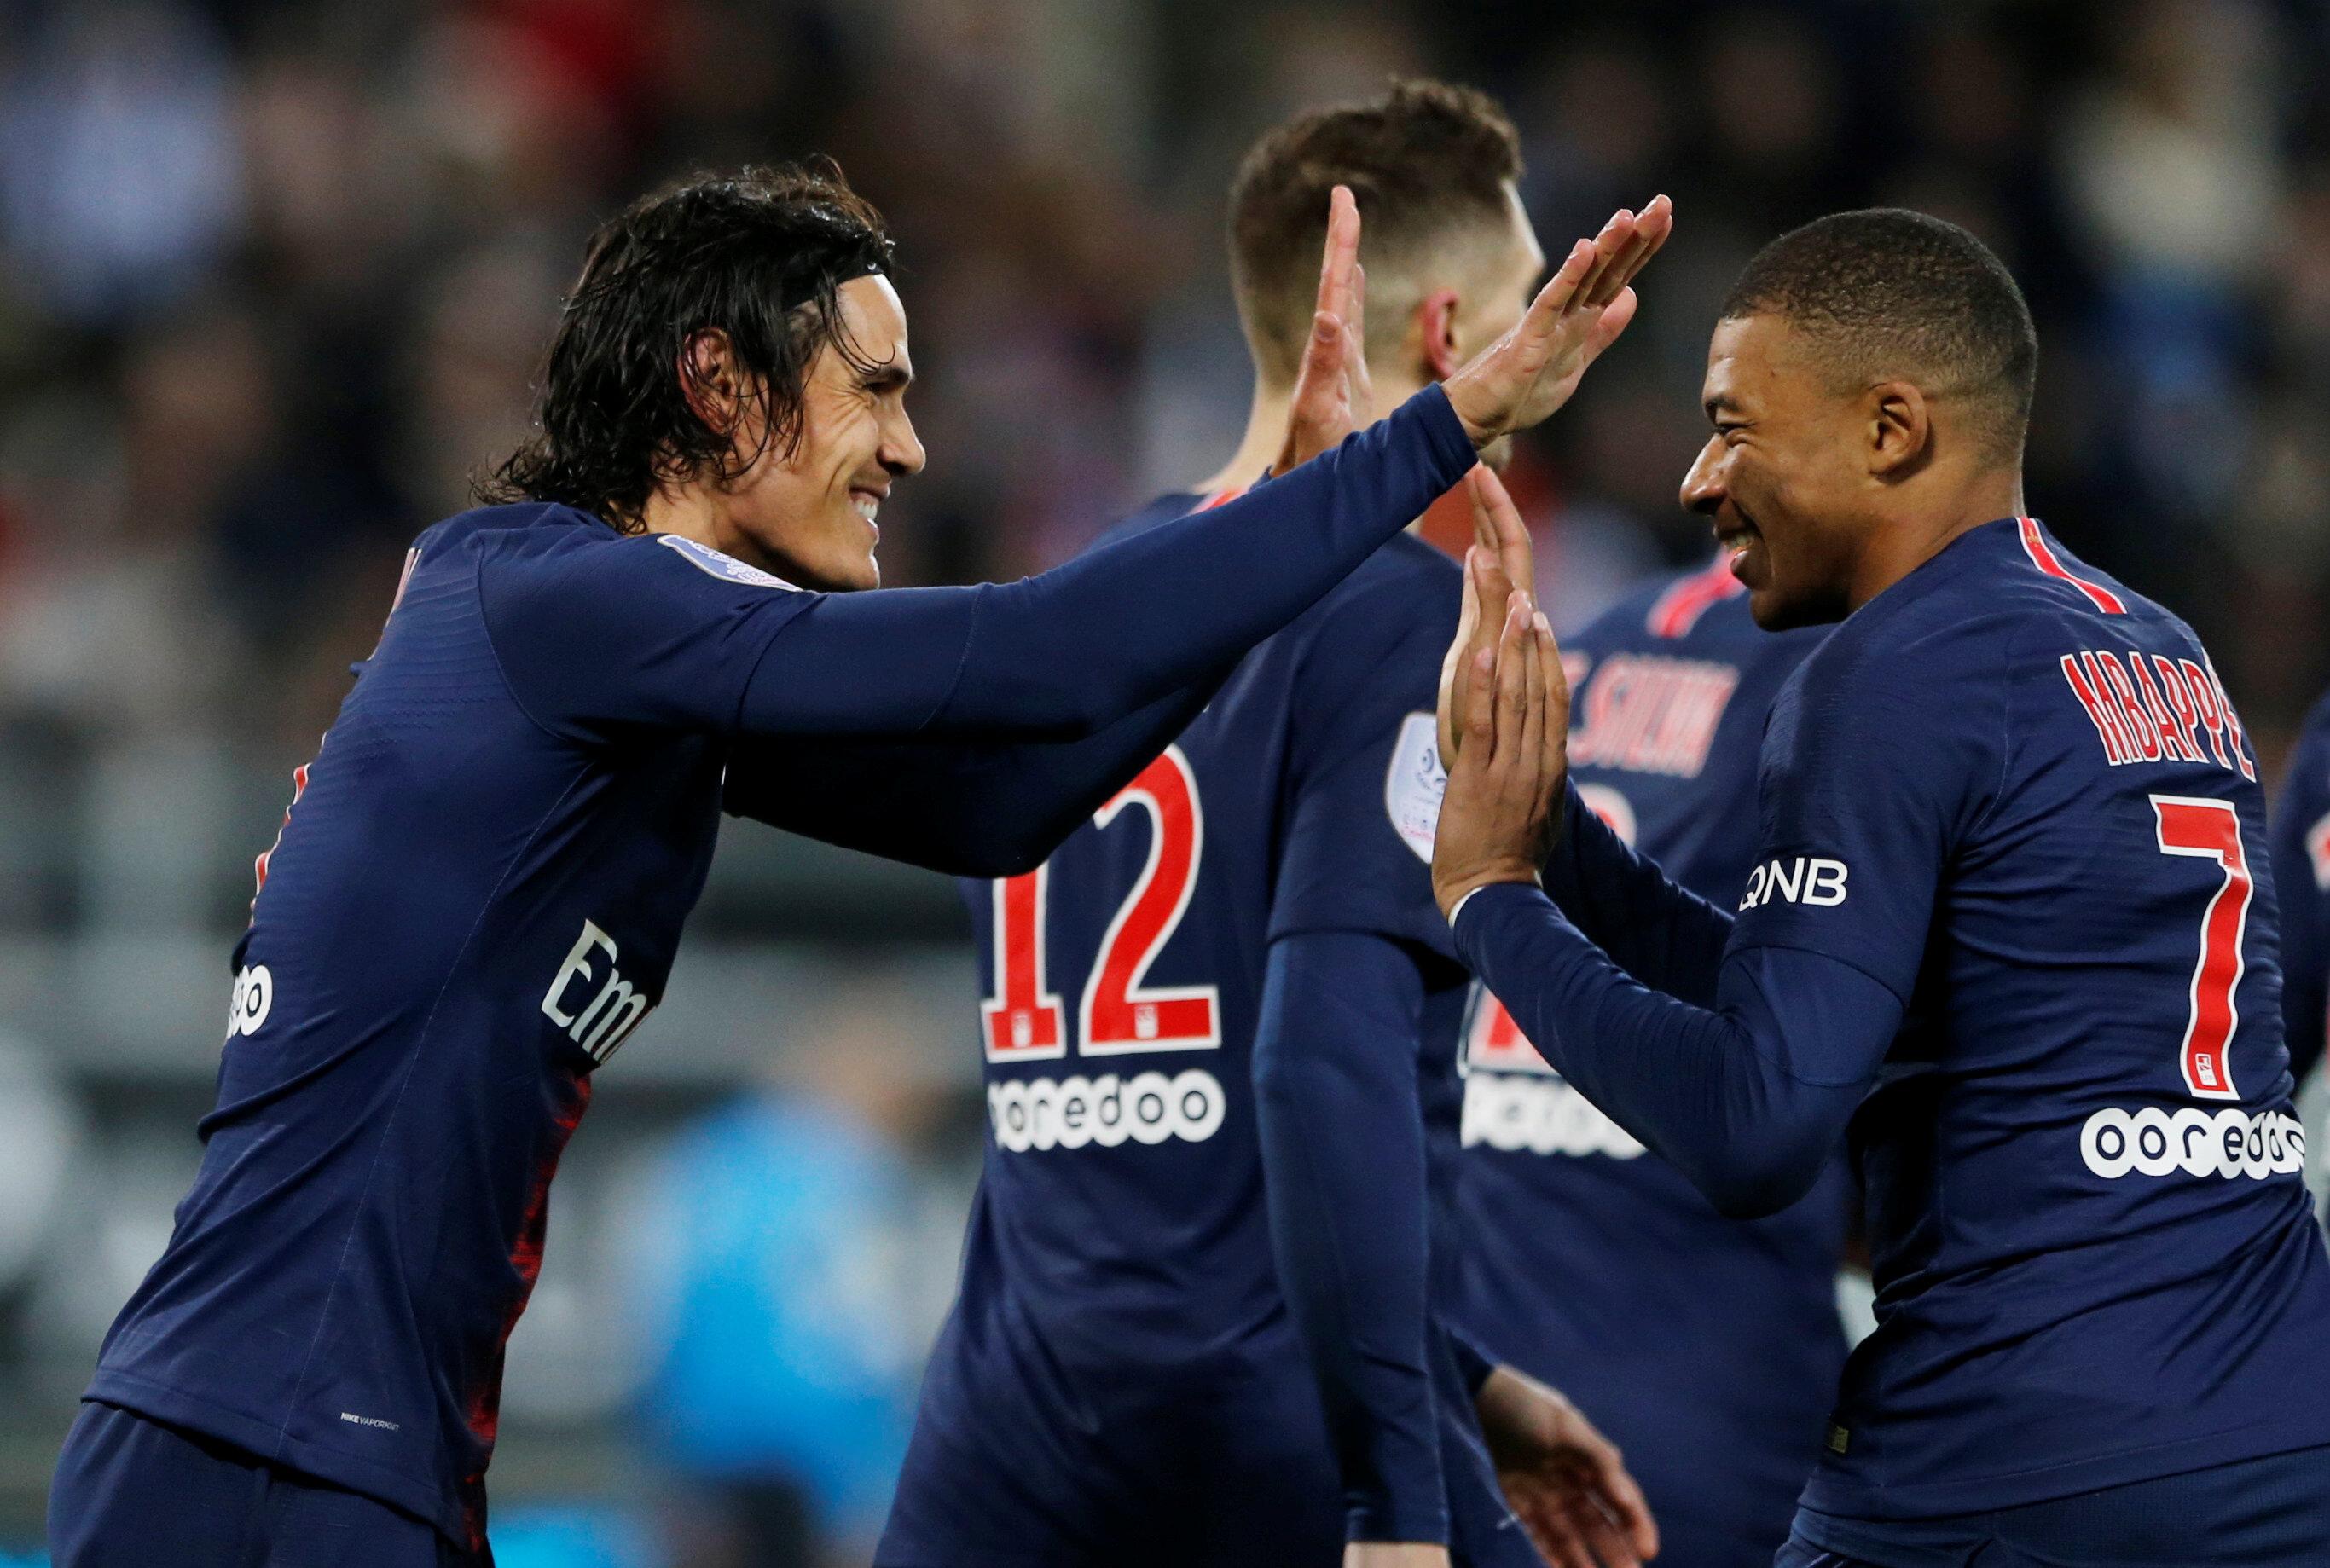 En fotos: El PSG resiste el juego brusco del Amiens y lo derrota al son de 3-0